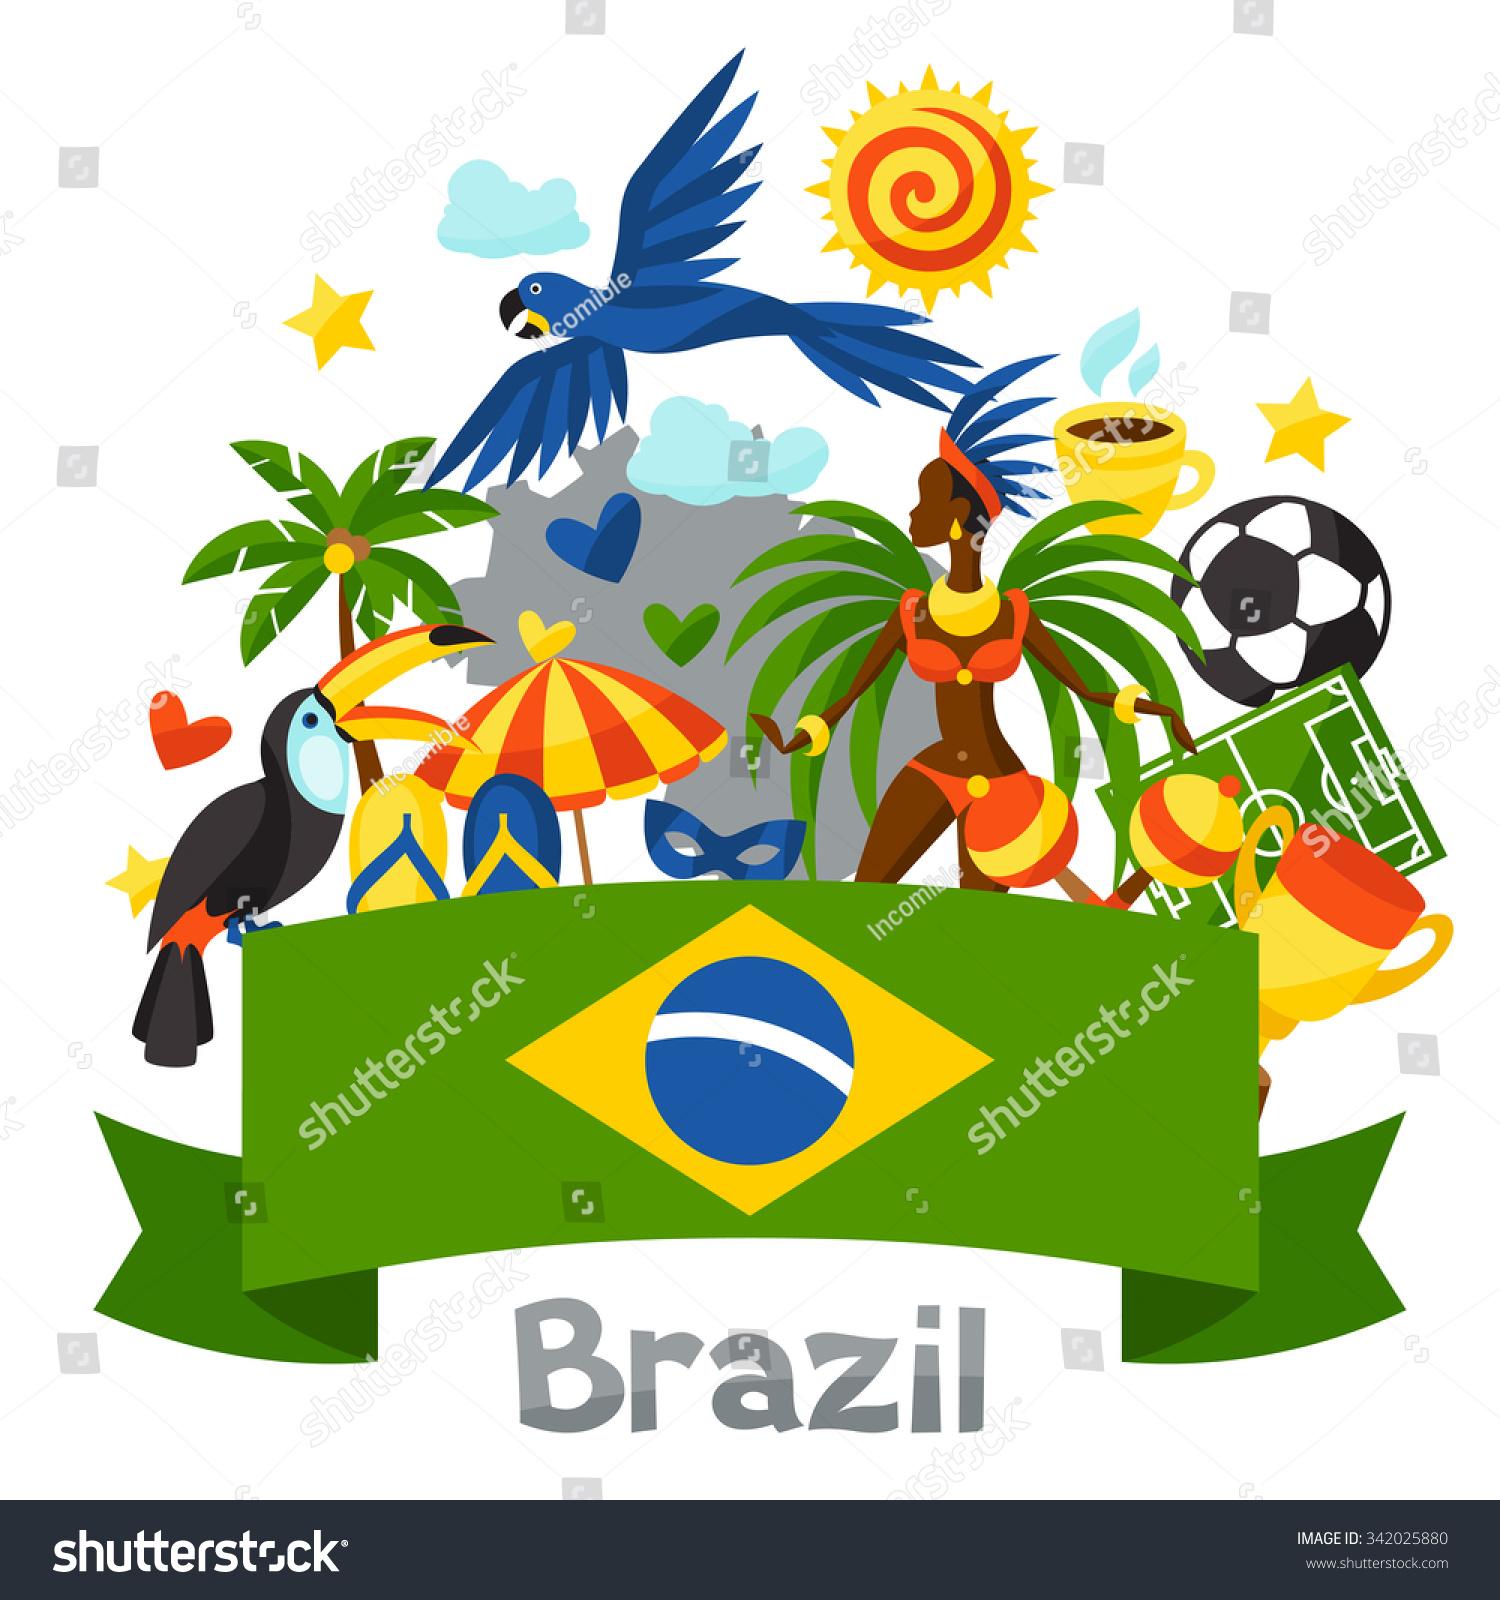 Brazil Culture Symbols